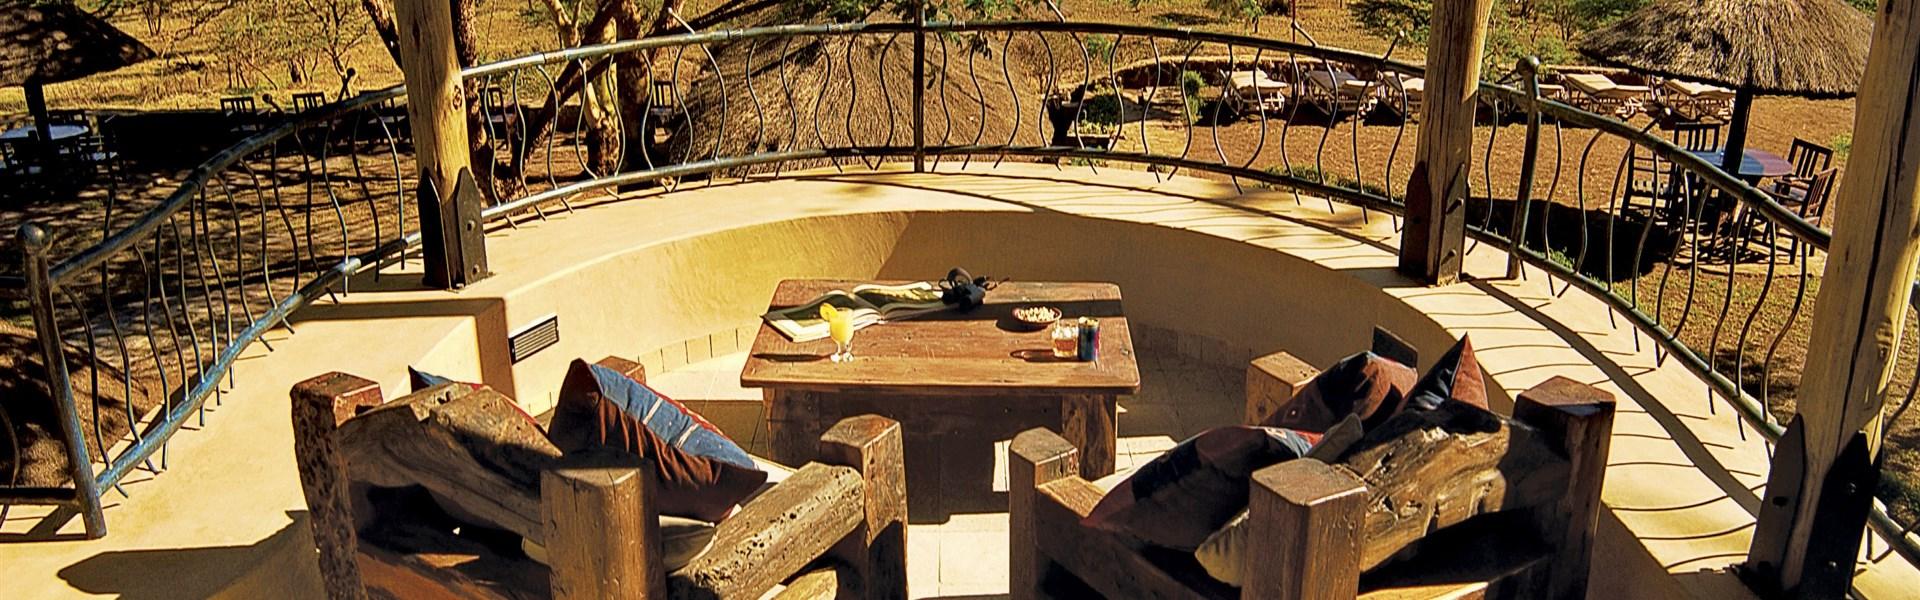 Marco Polo - Serengeti Sopa Lodge - Výhled do rozlehlých plání Serengeti je pro Sopa Lodge typický.